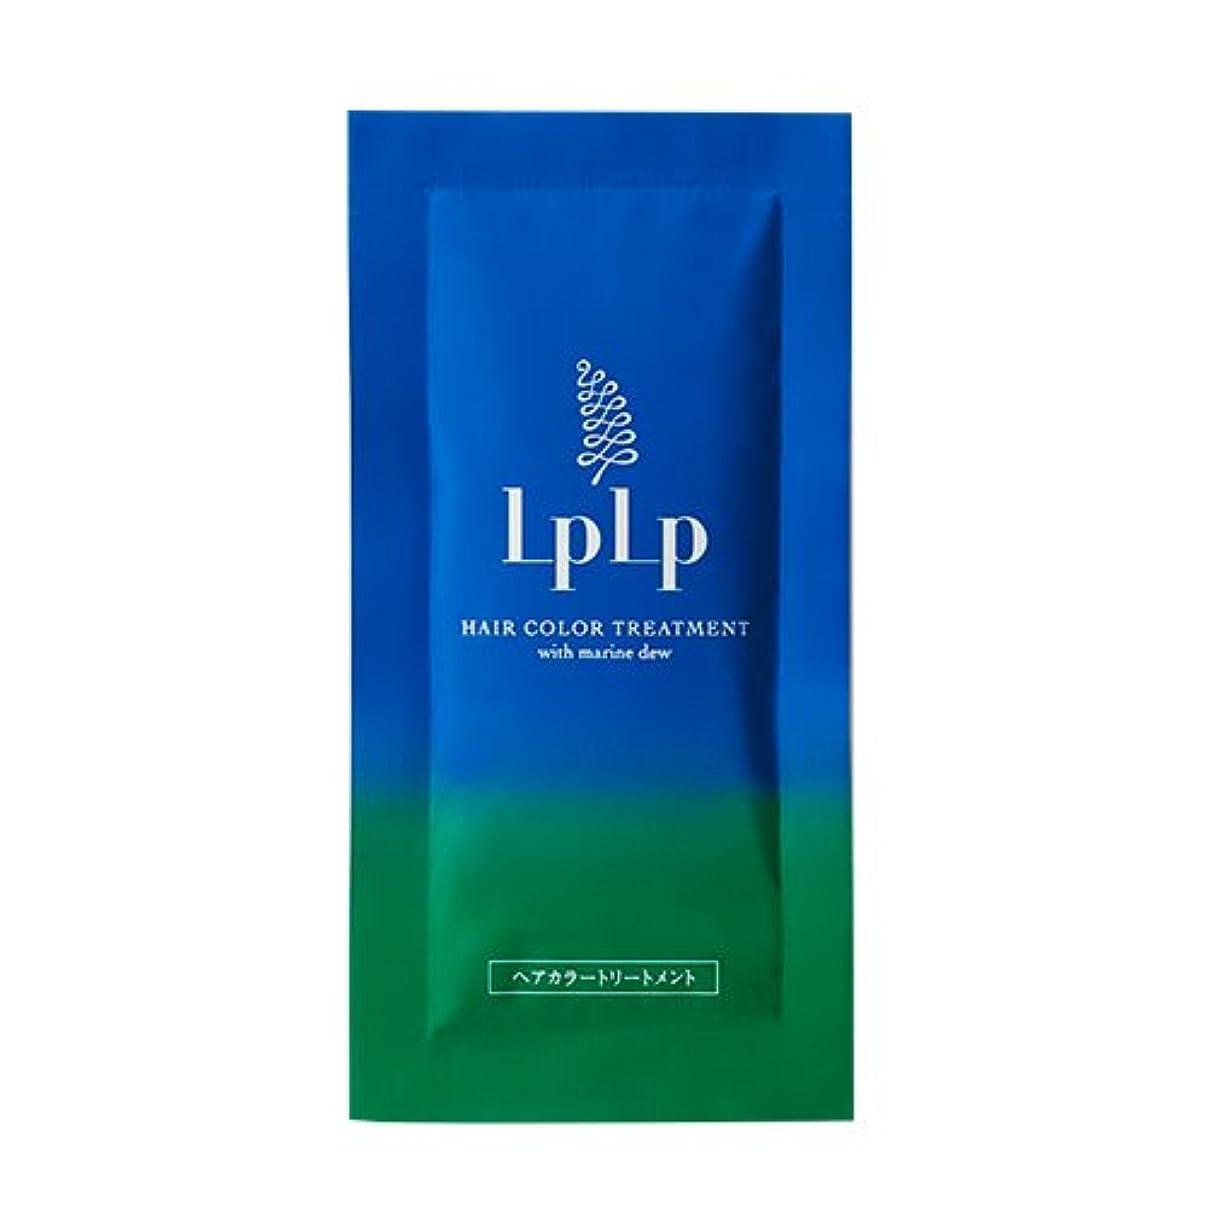 マウントバンク移民平等LPLP(ルプルプ)ヘアカラートリートメントお試しパウチ ブラウン